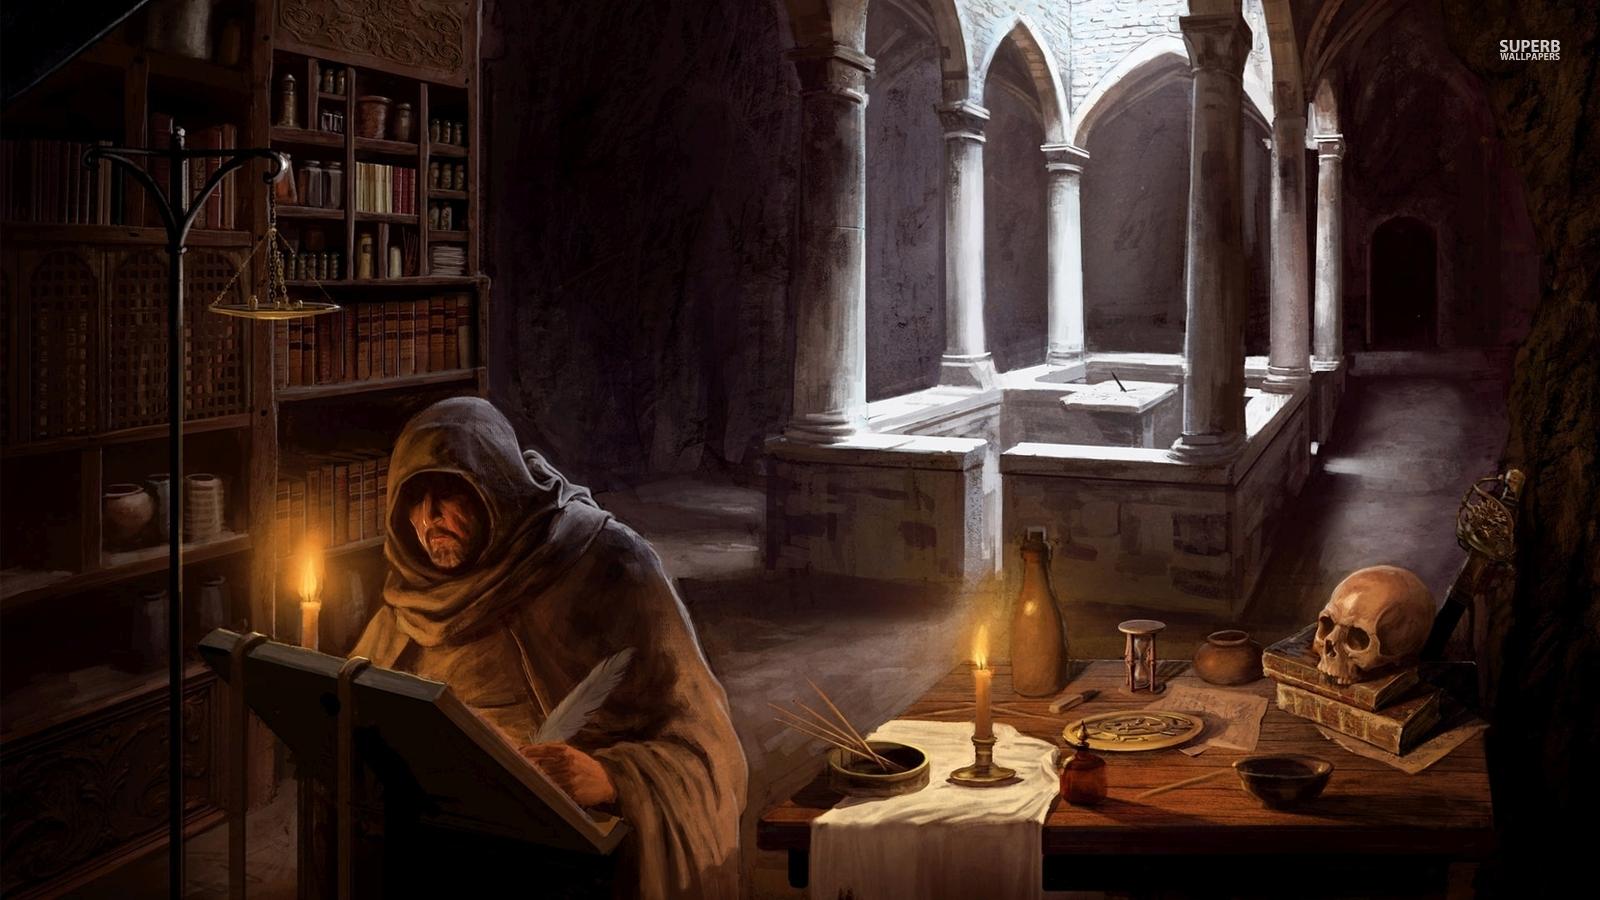 Fantasy Immagini Wizard Hd Wallpaper And Background Foto 38732831